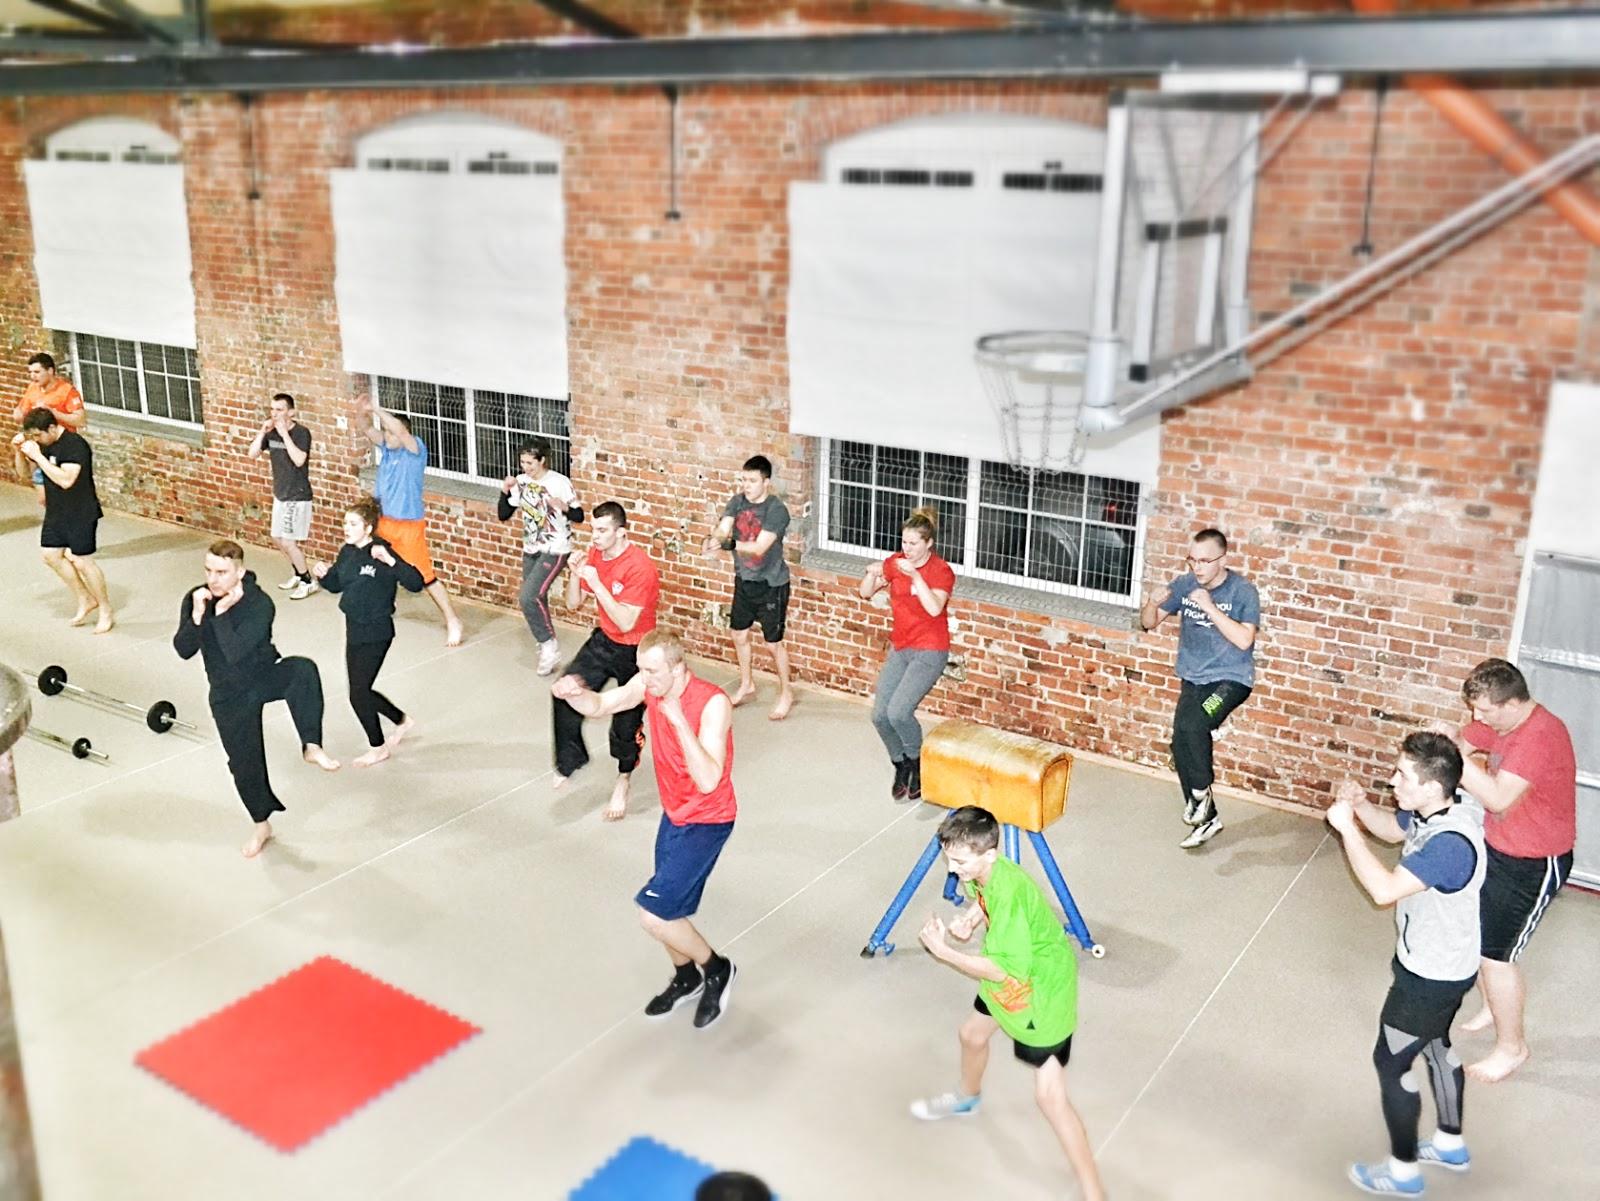 trening, zielona góra, ferie, obóz, kondycja, moc, siła, wytrzymałość, szybkość, kickboxing, boks, muay thai, k-1, młodzież, dorośli, dzieci, kobiety, mężczyźni